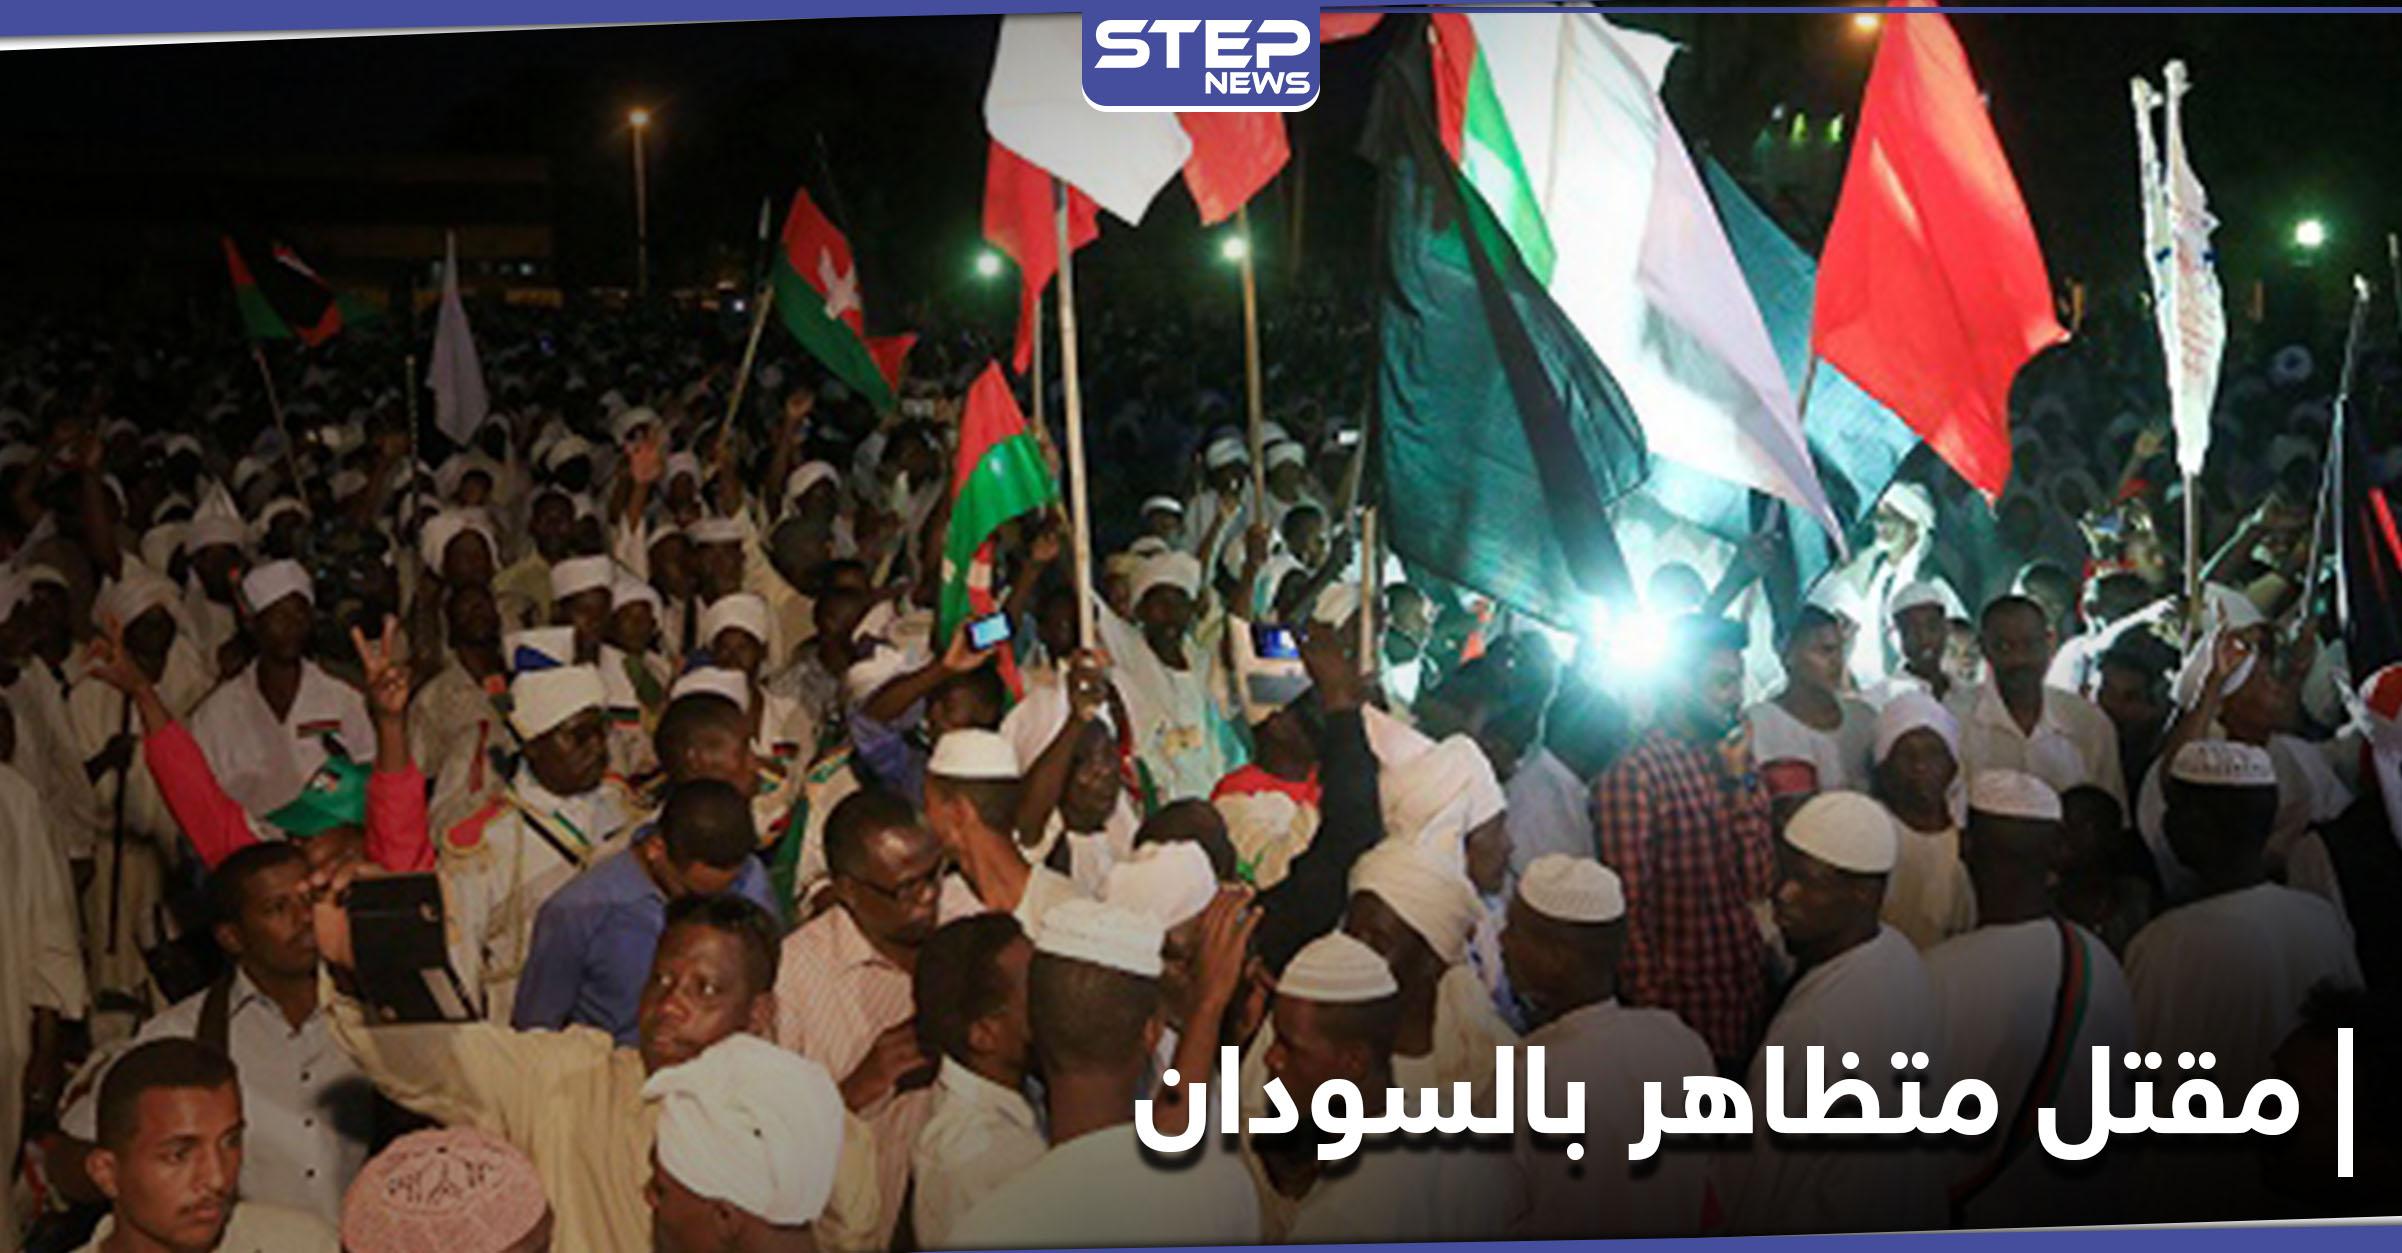 طائرة إسرائيلية تمكث في الخرطوم لساعات.. وأول قتيل في مظاهرات السودان